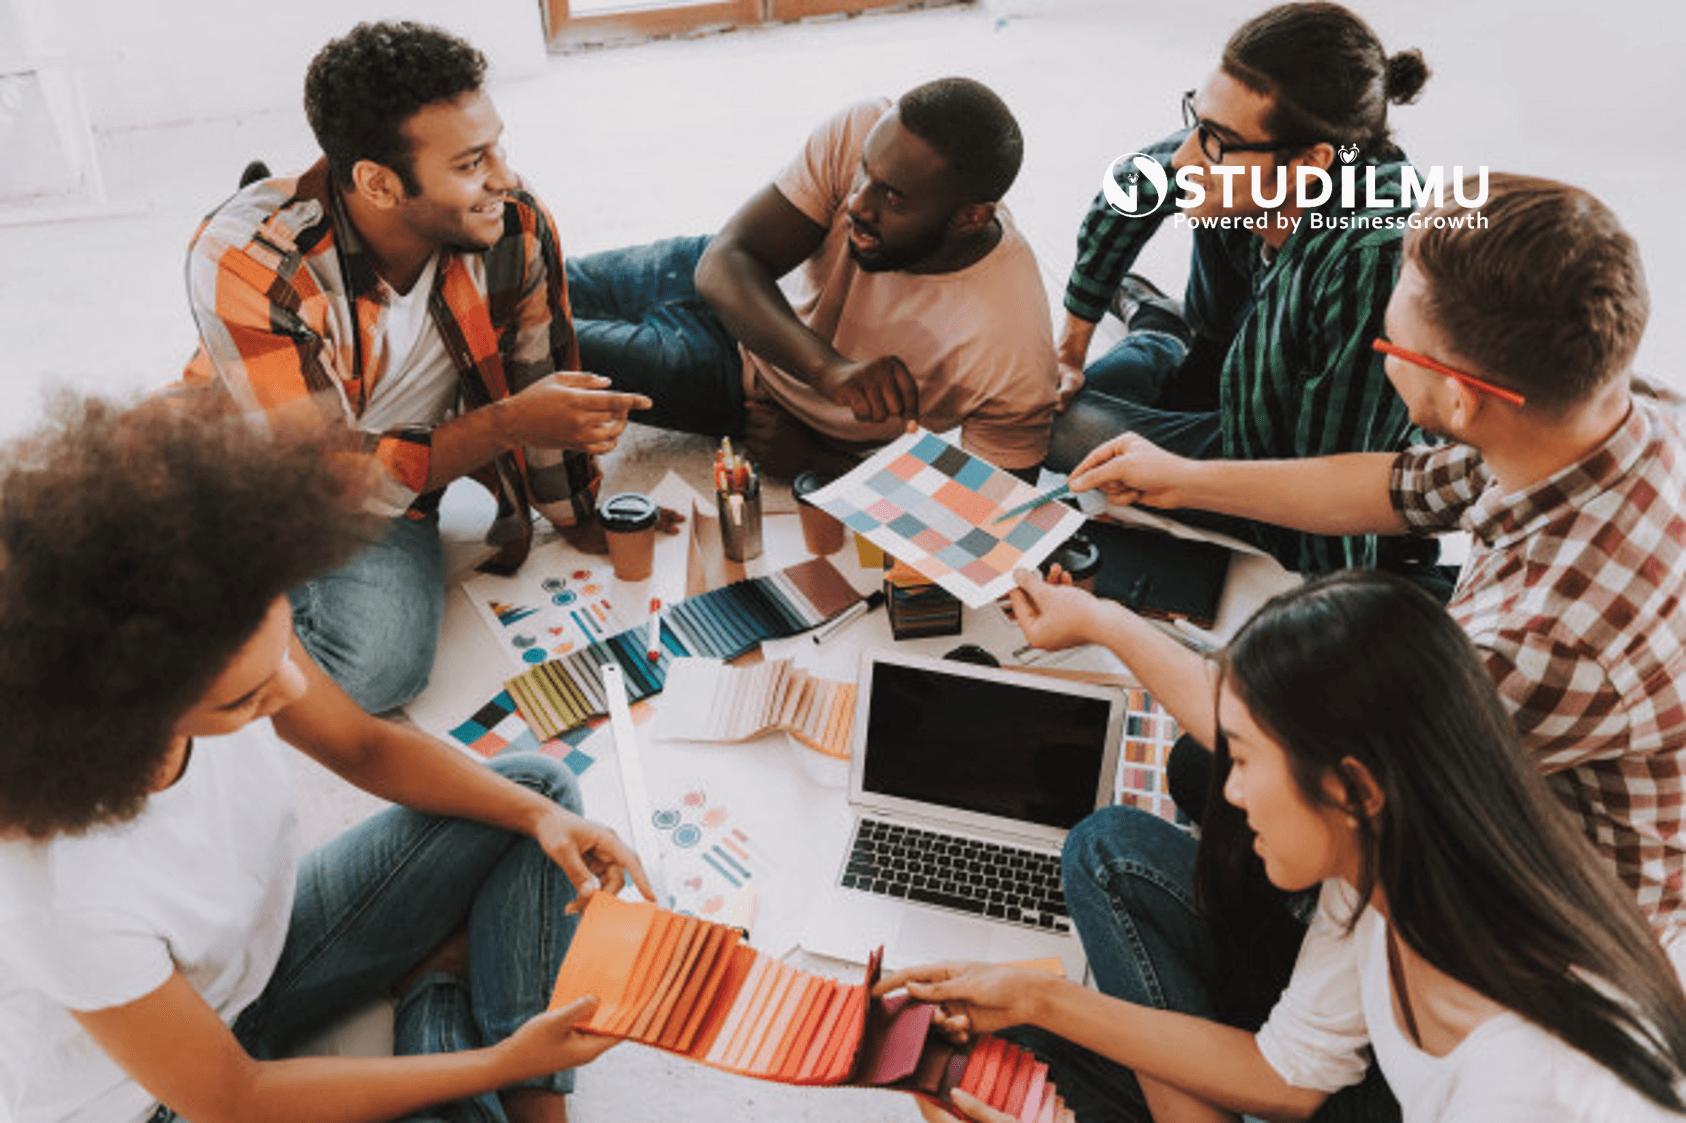 STUDILMU Career Advice - 3 Kualitas Produk yang Dicintai Generasi Milenial